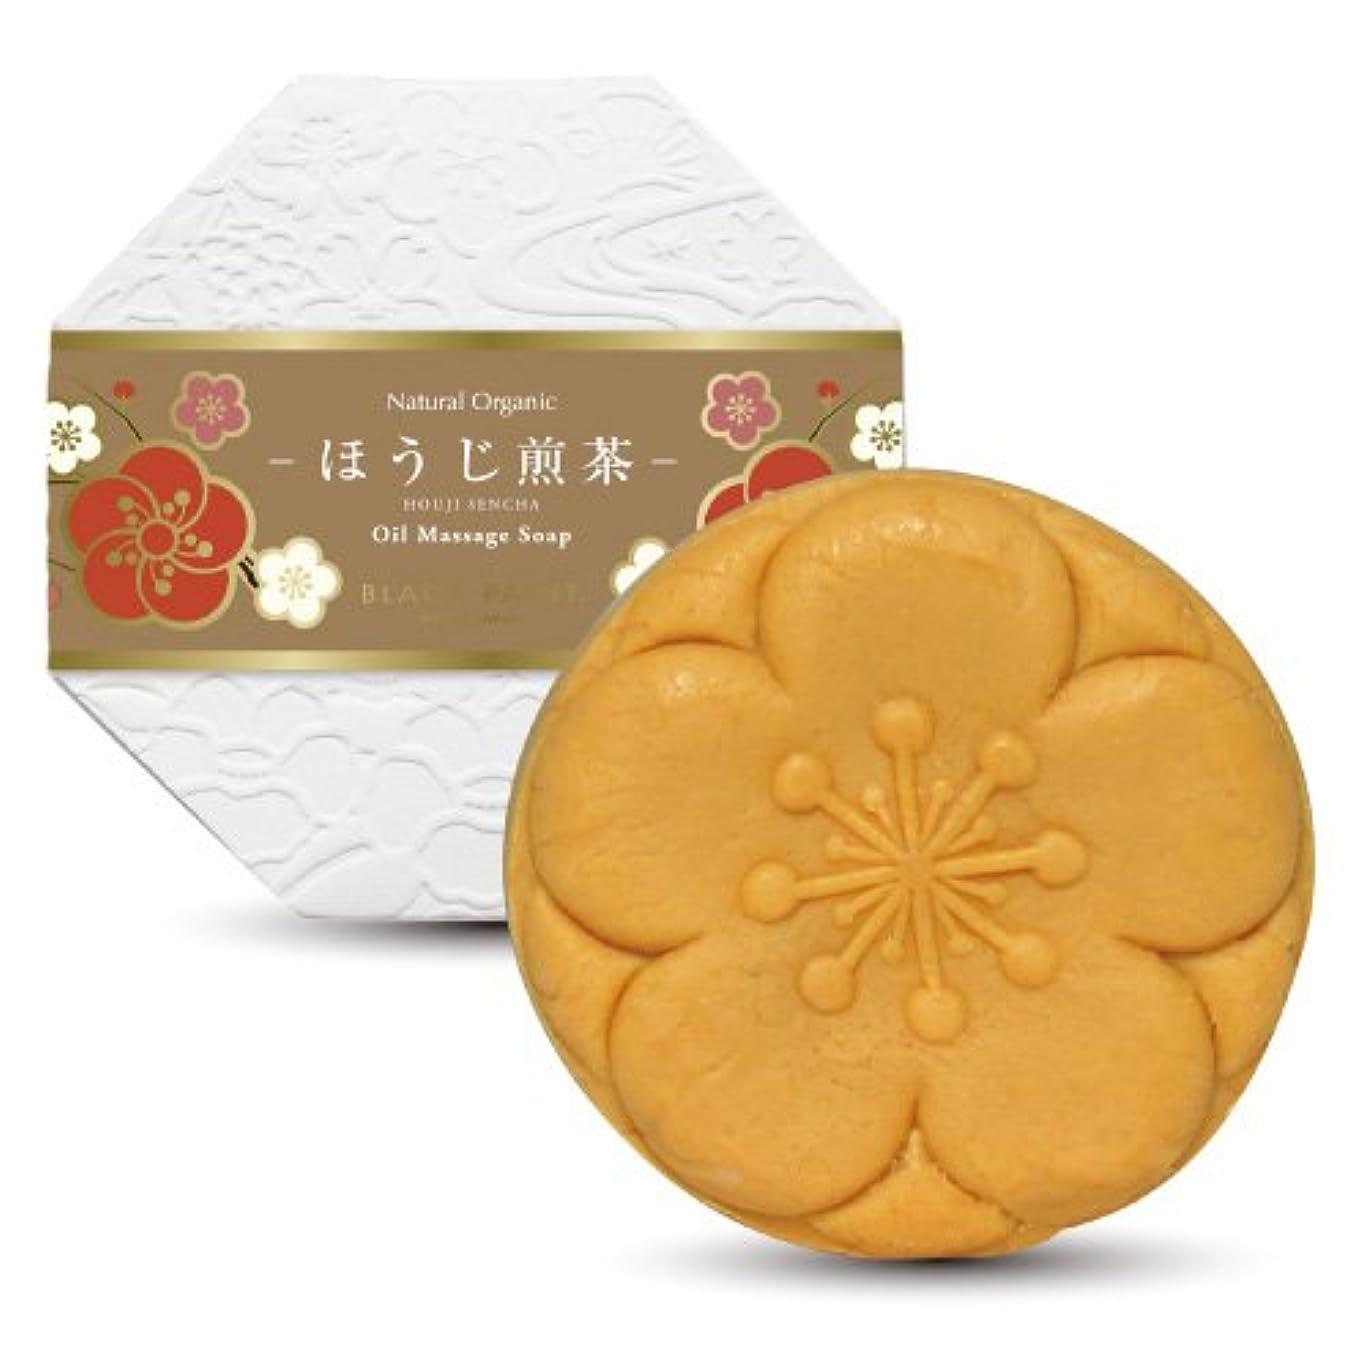 呼吸する噂ホイスト京のお茶石鹸 ほうじ煎茶 120g 塗る石鹸